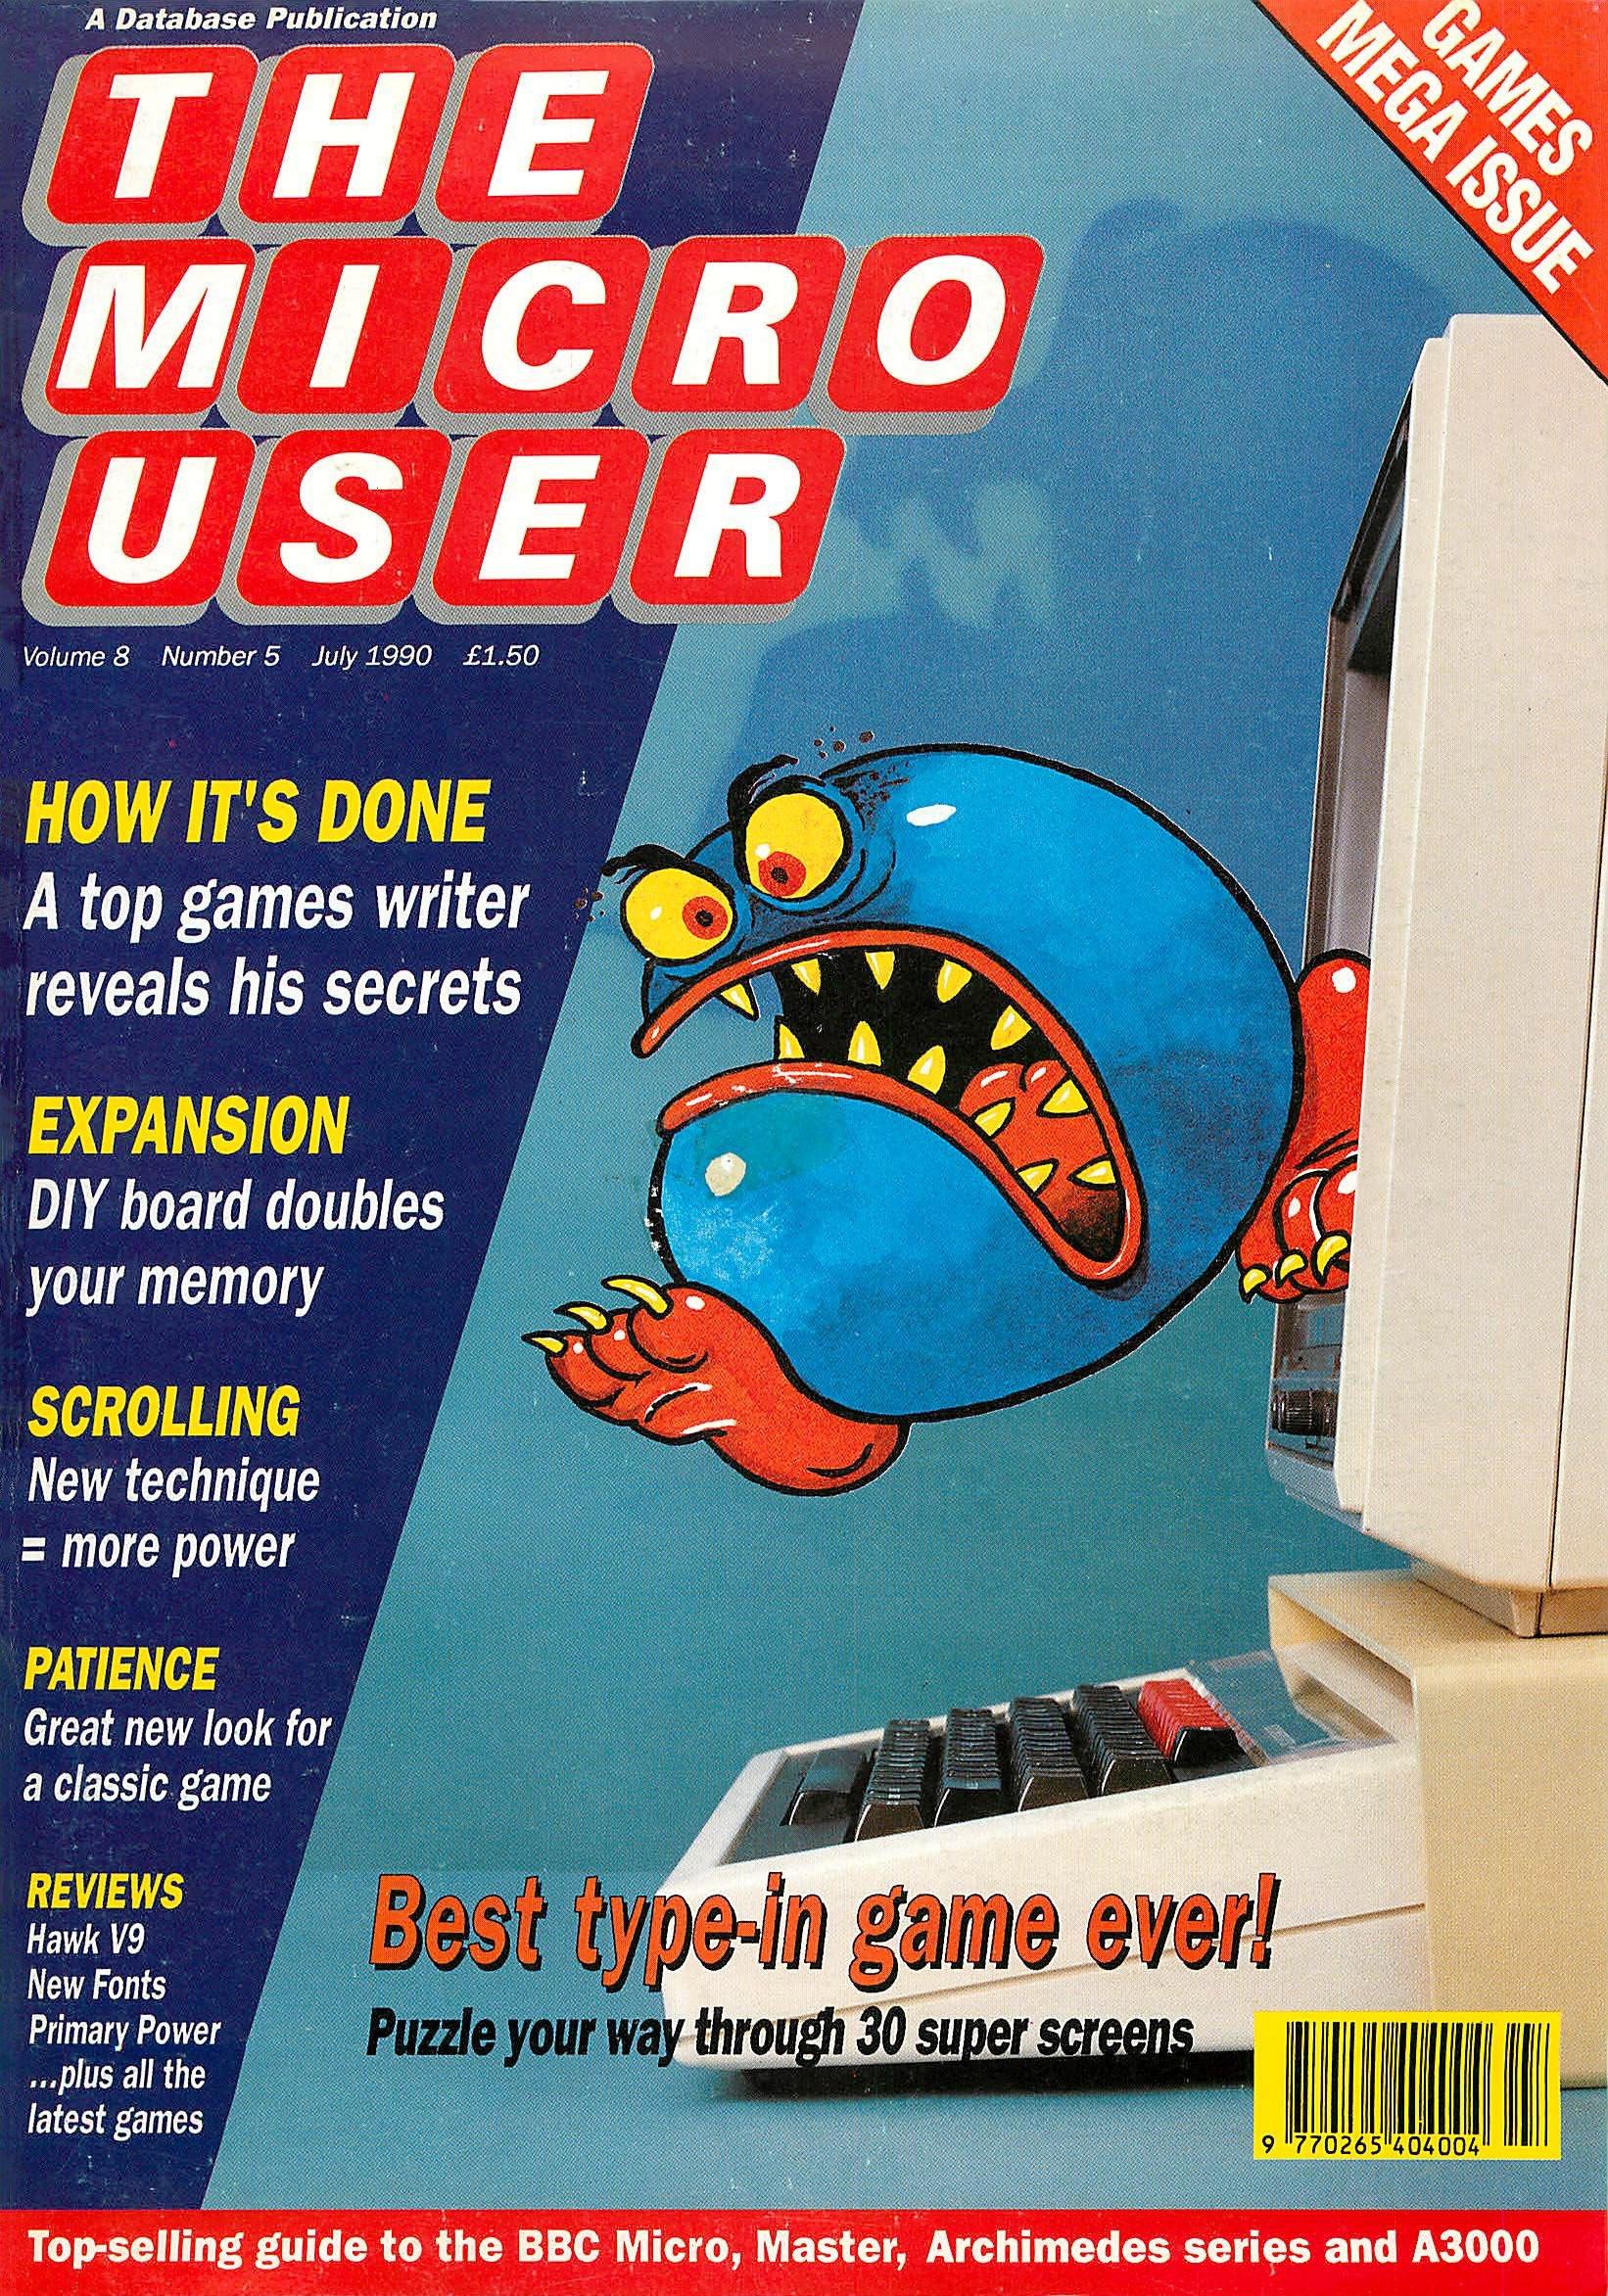 The Micro User Vol.08 No.05 (July 1990)